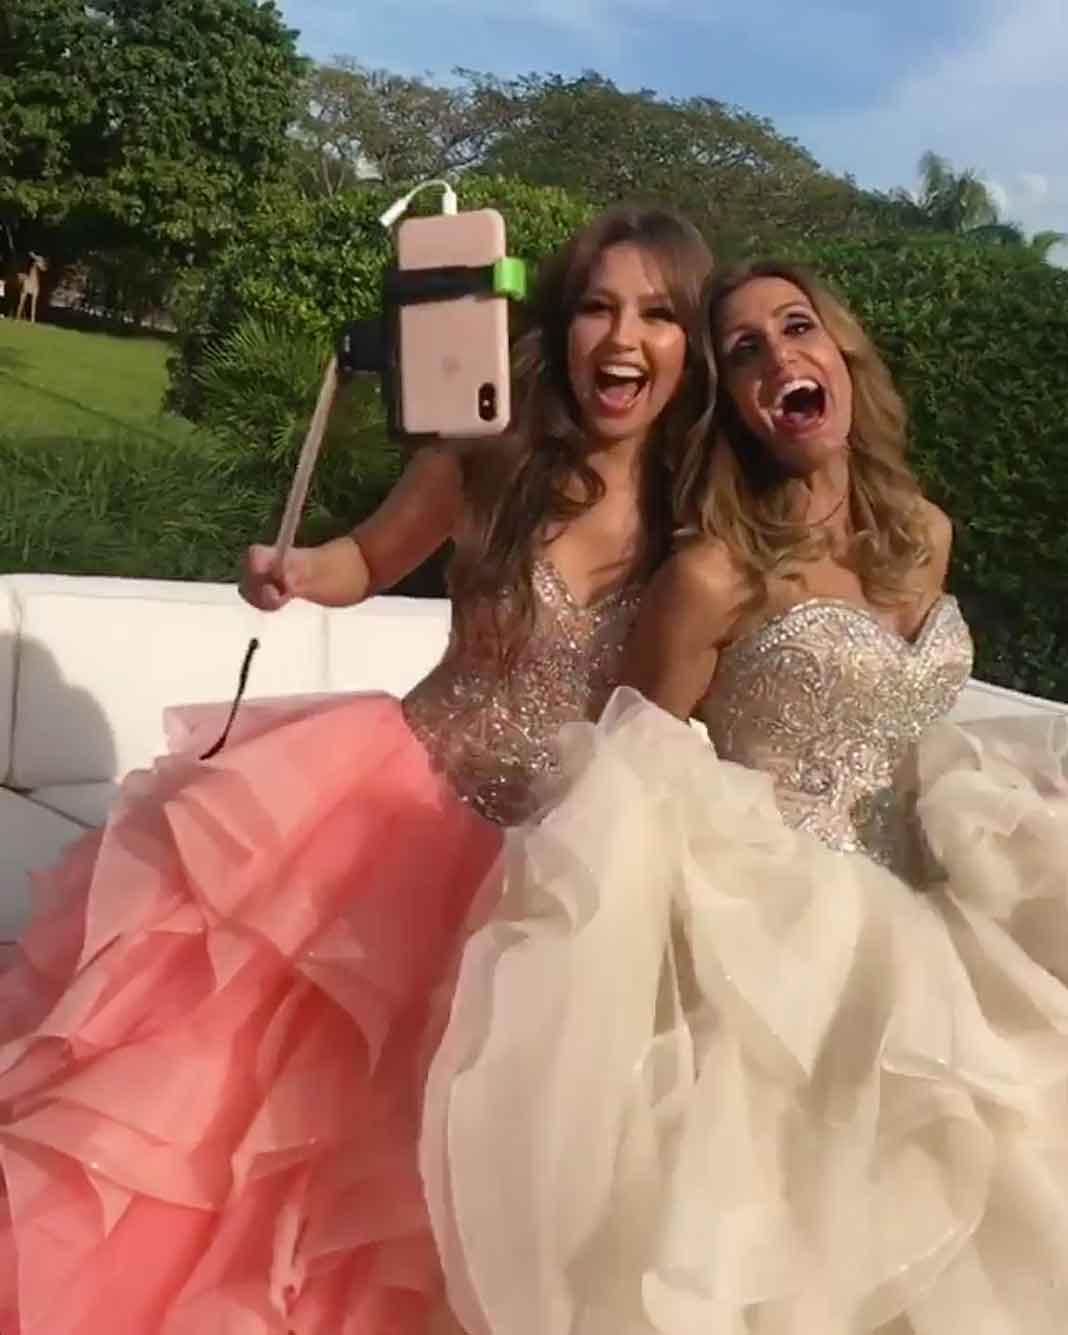 Thalía grabó el divertido momento con tu celular